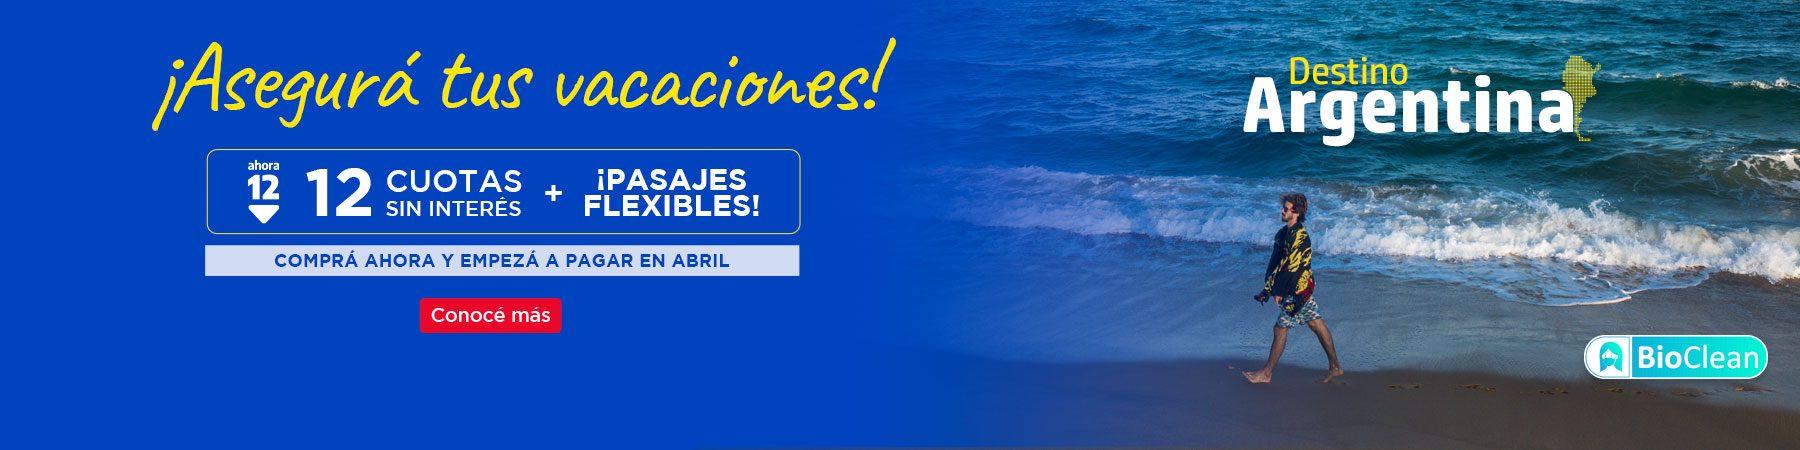 beneficios compra vacaciones verano 2020 2021 argentina viajar micro flecha bus V 3